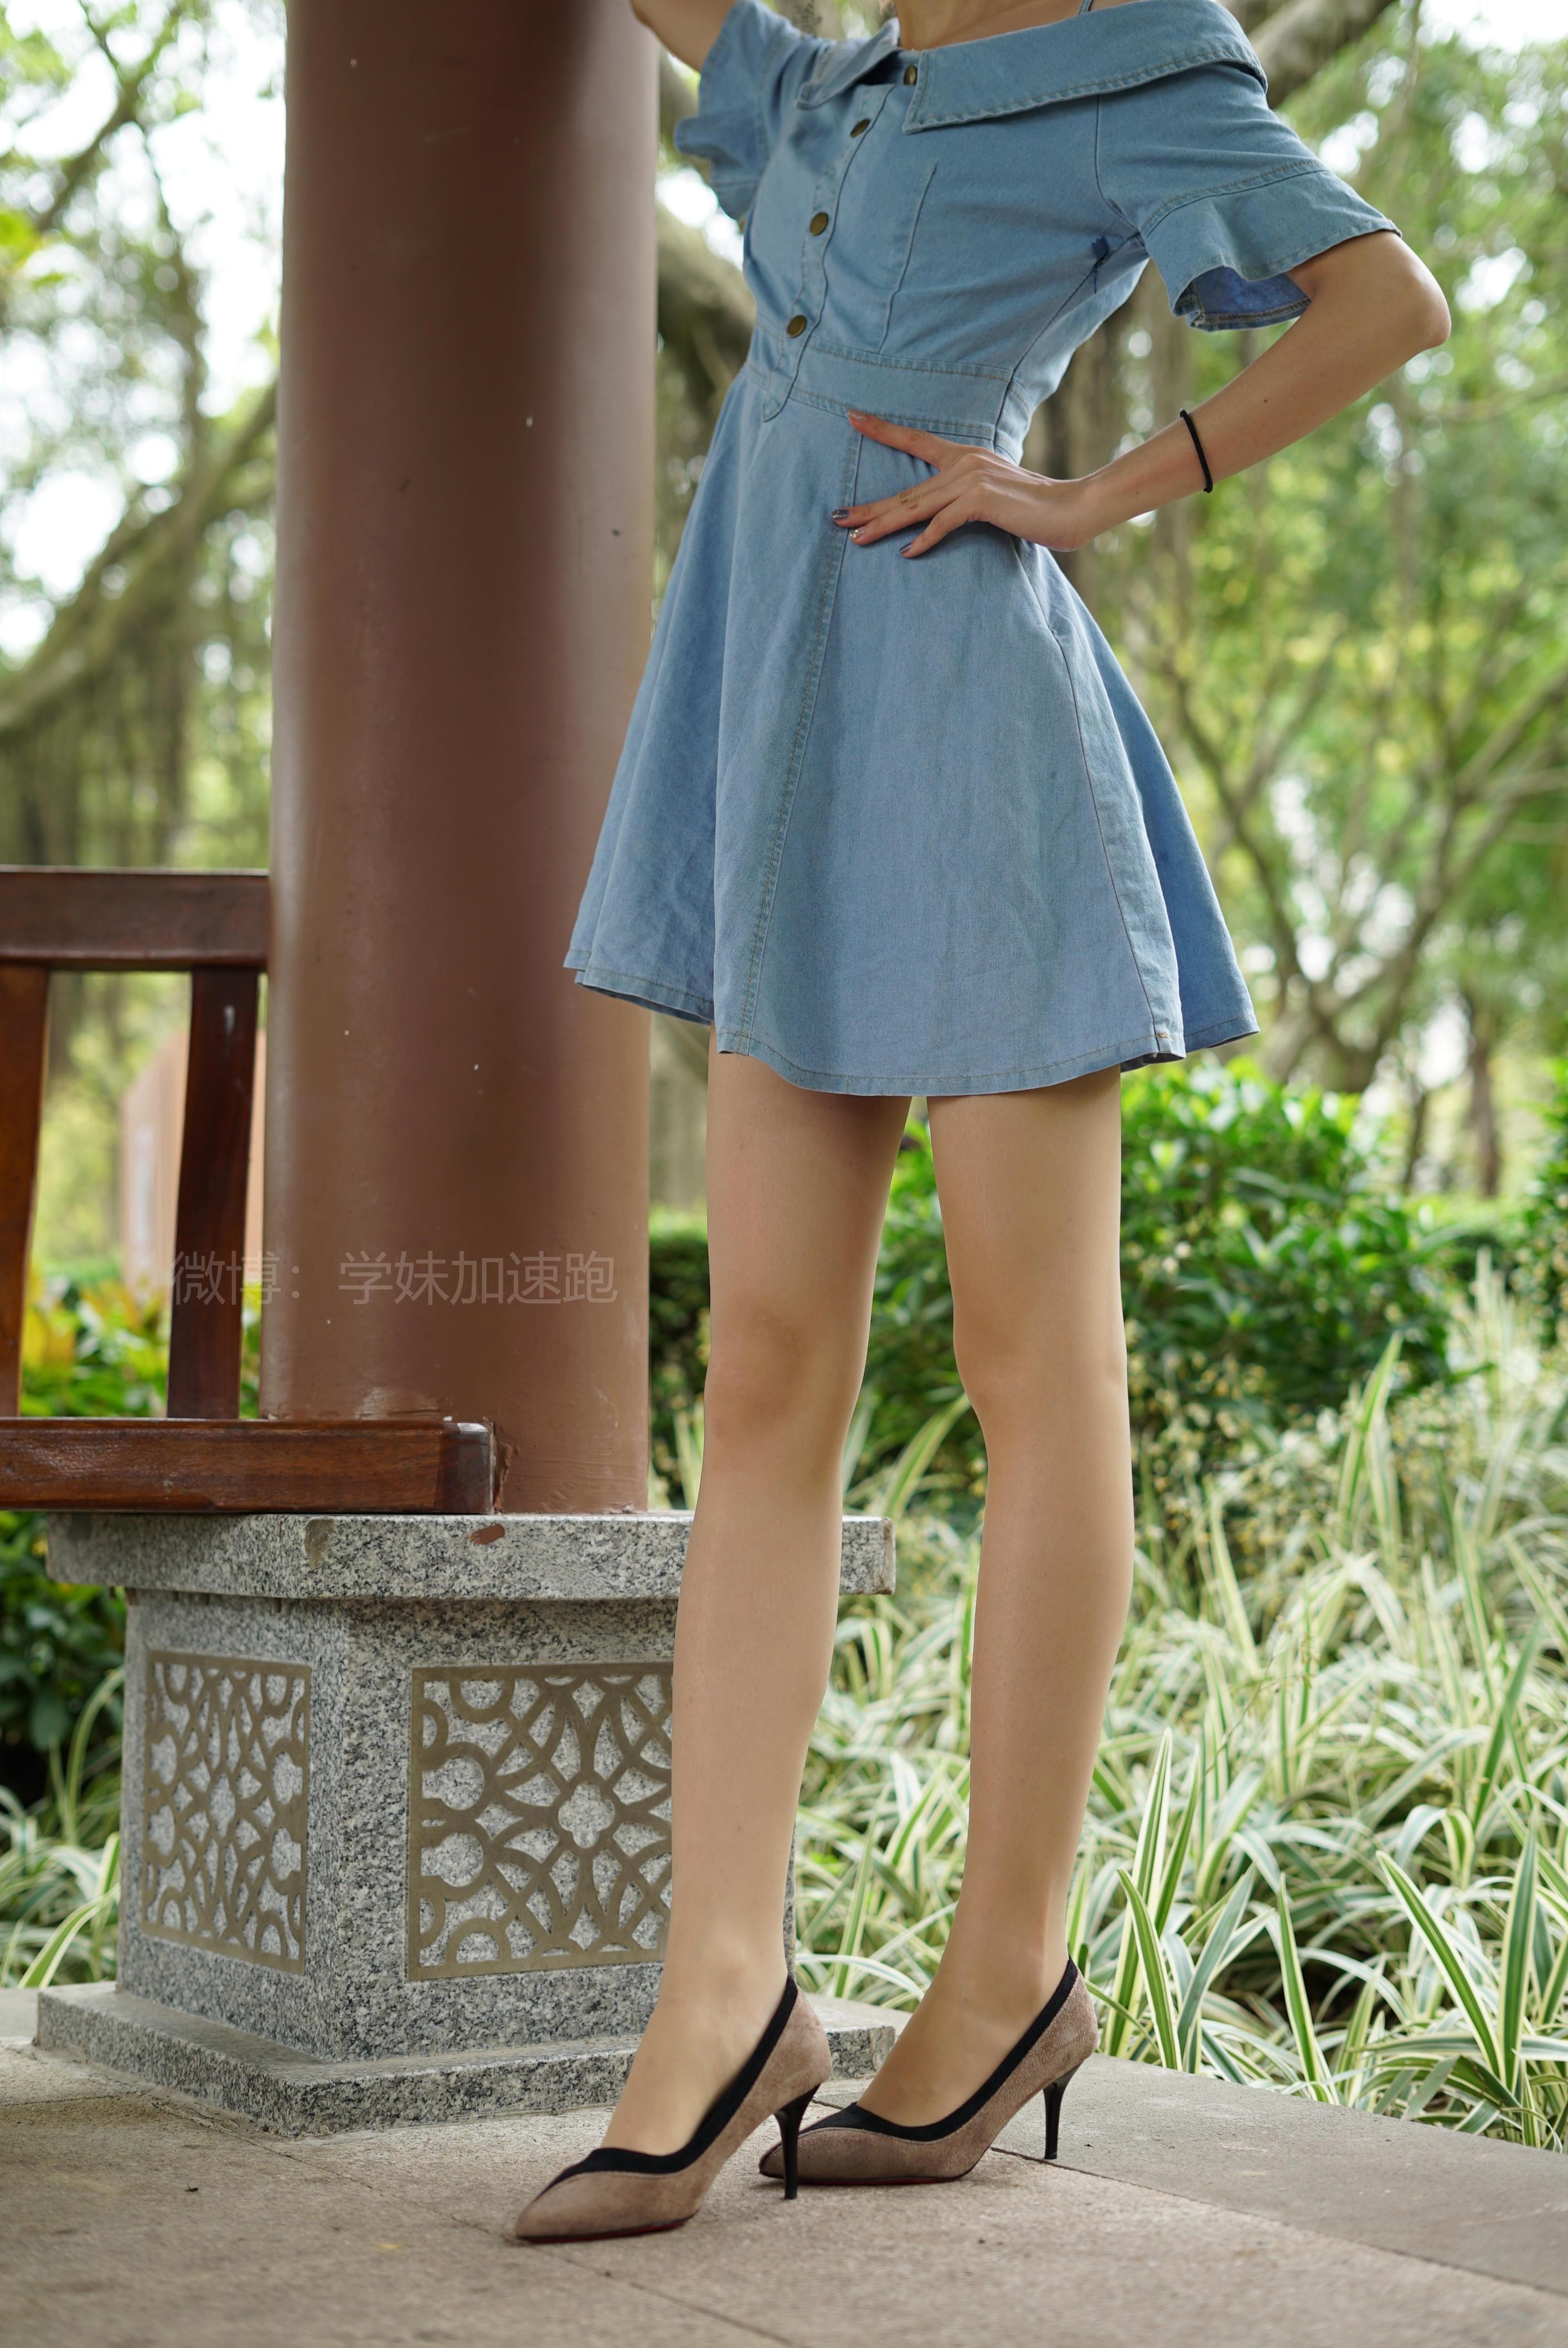 [学妹加速跑]XM016 《六六学妹1》 蓝色连衣裙加肉丝美腿街拍写真集,